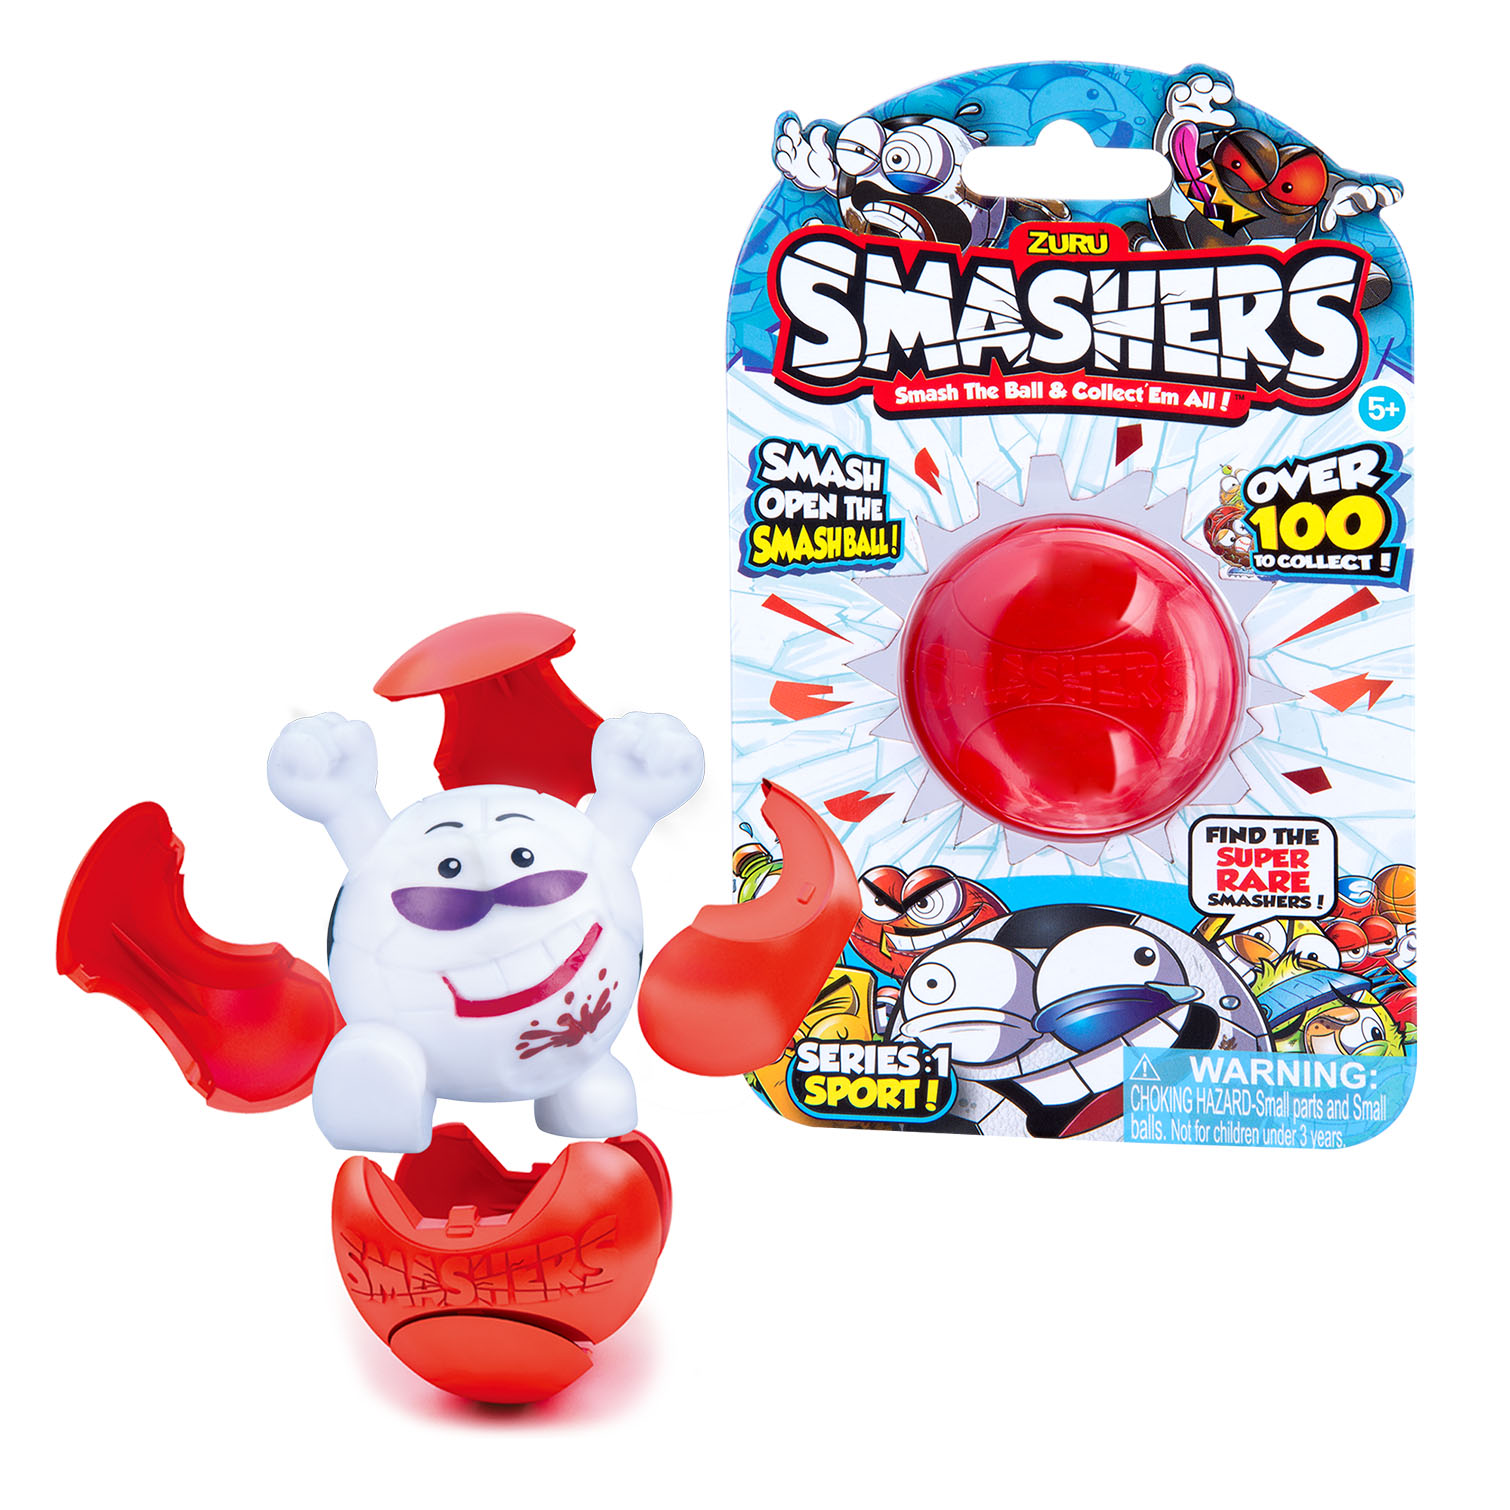 Smashers_1st